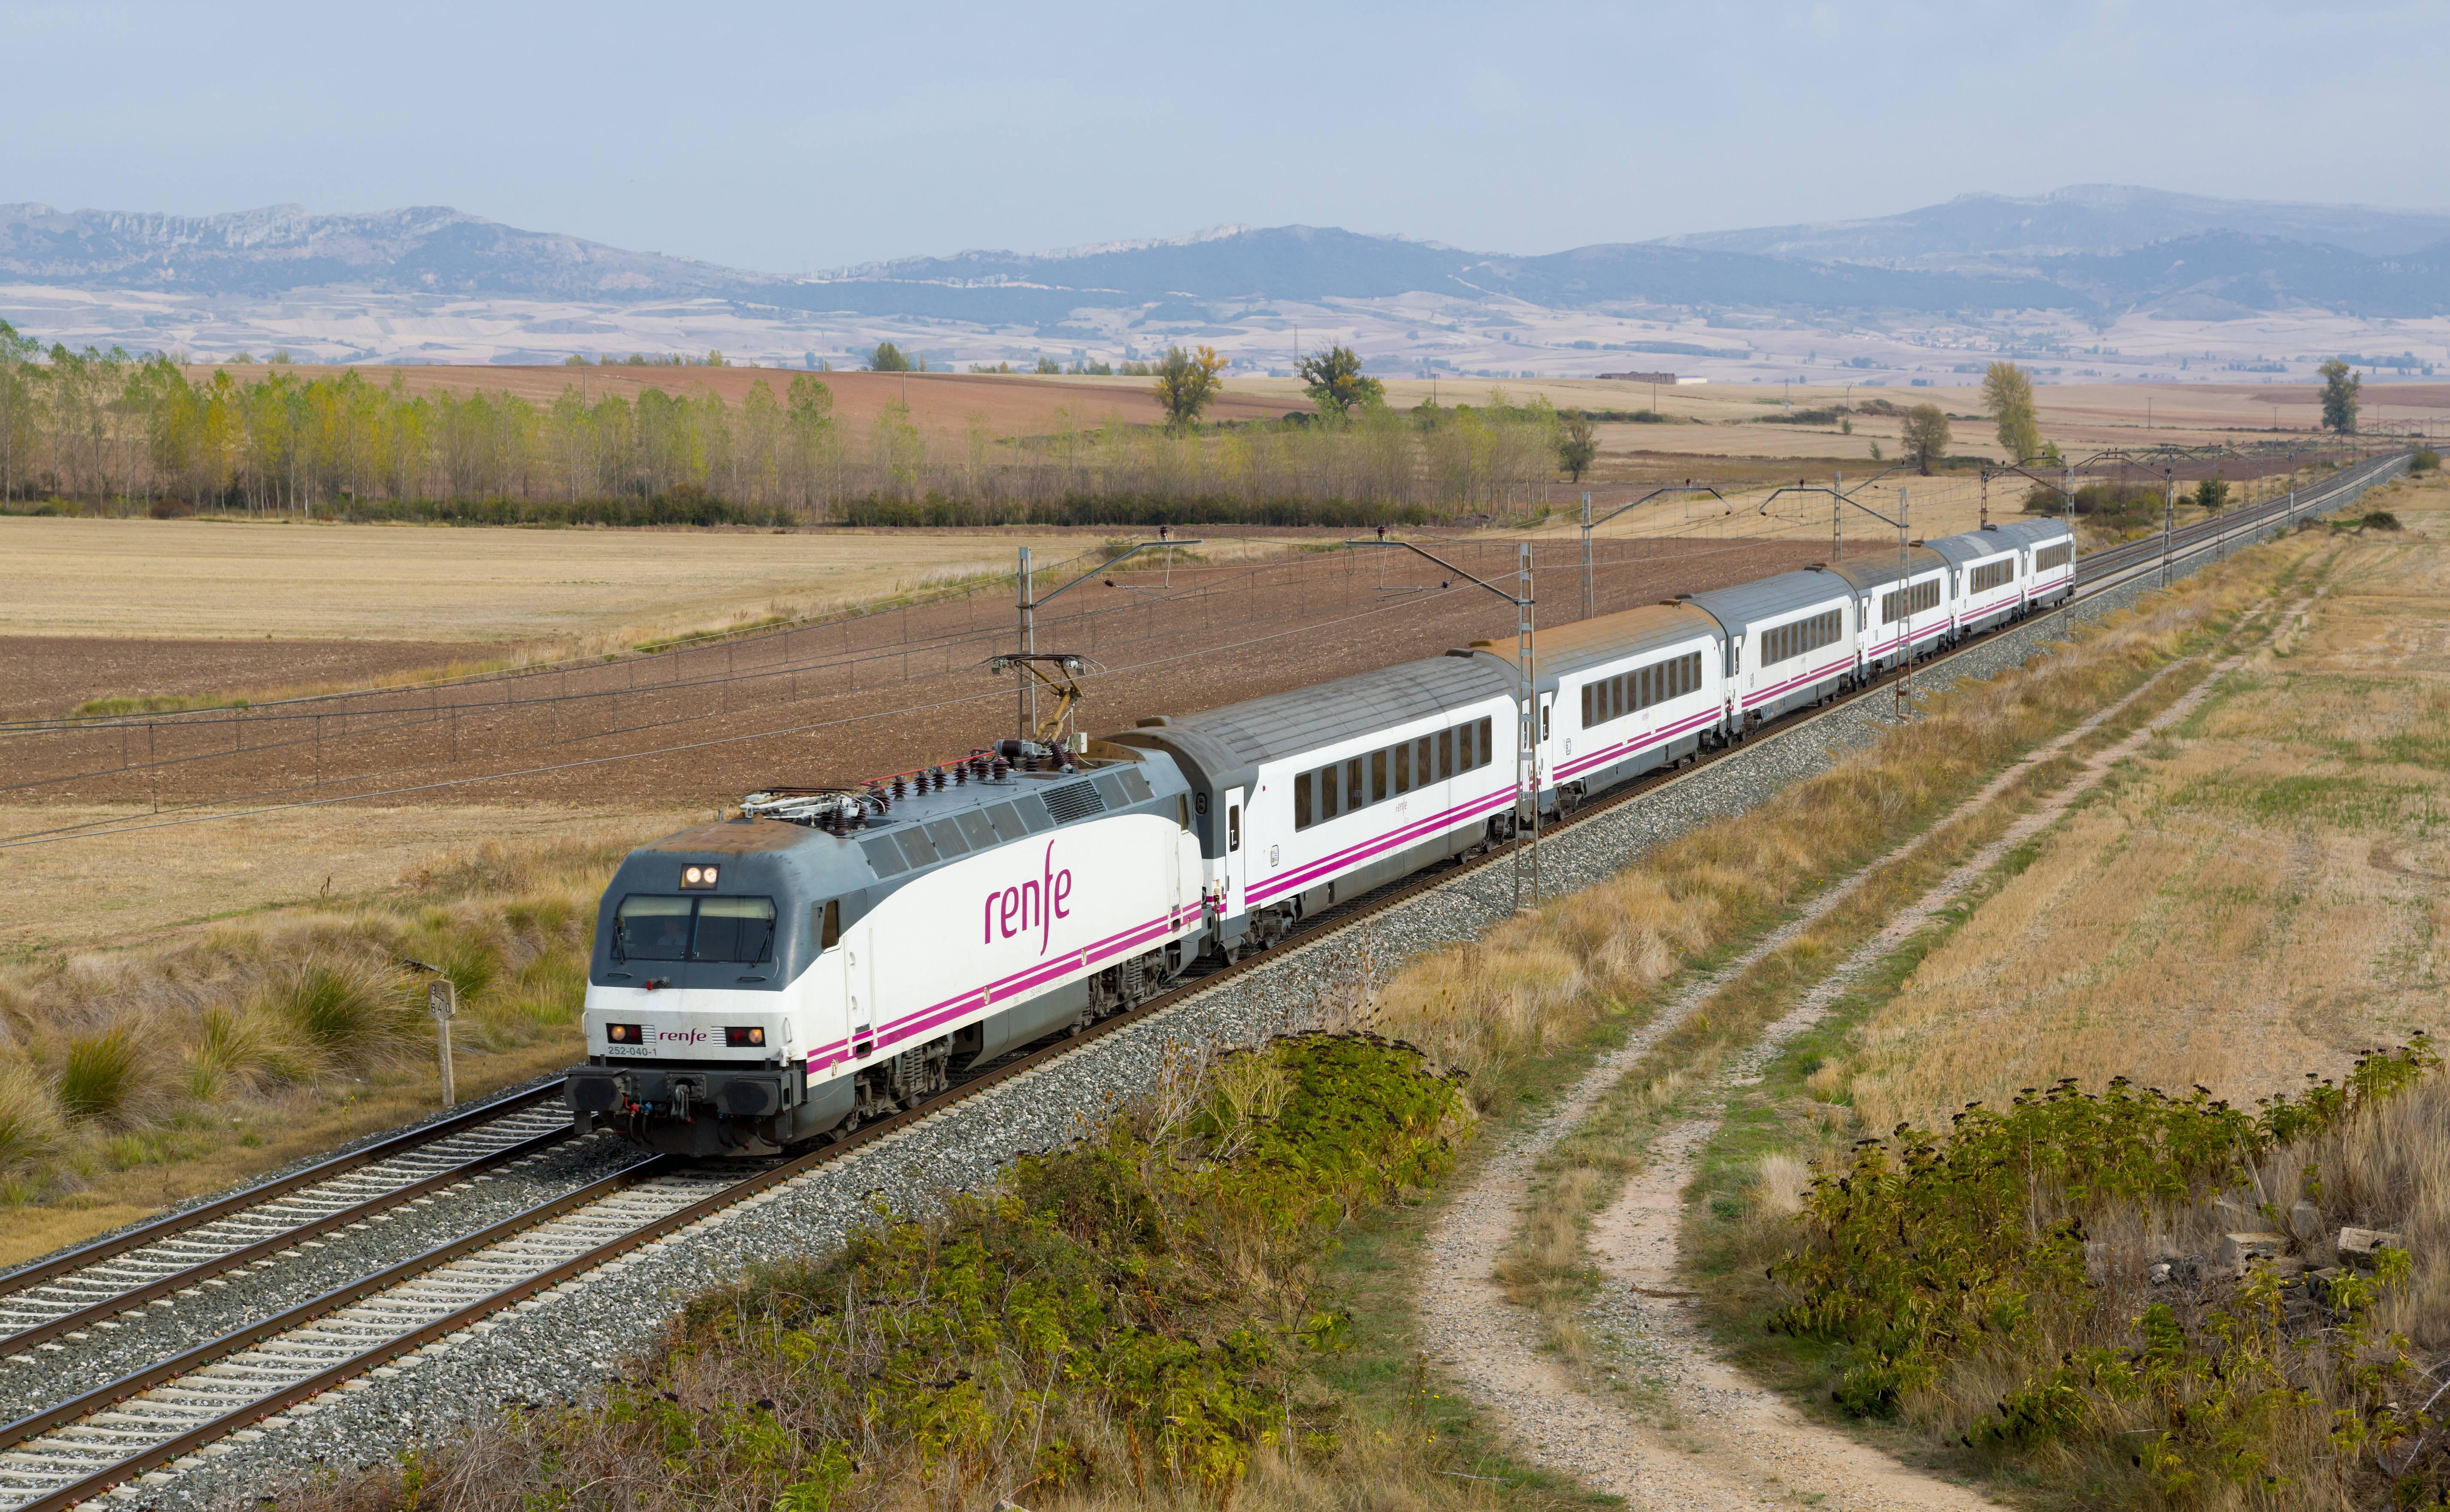 Купить ж/д билет, испания - отдых в испании (аликанте). жилье, экскурсии, трансфер, информация.